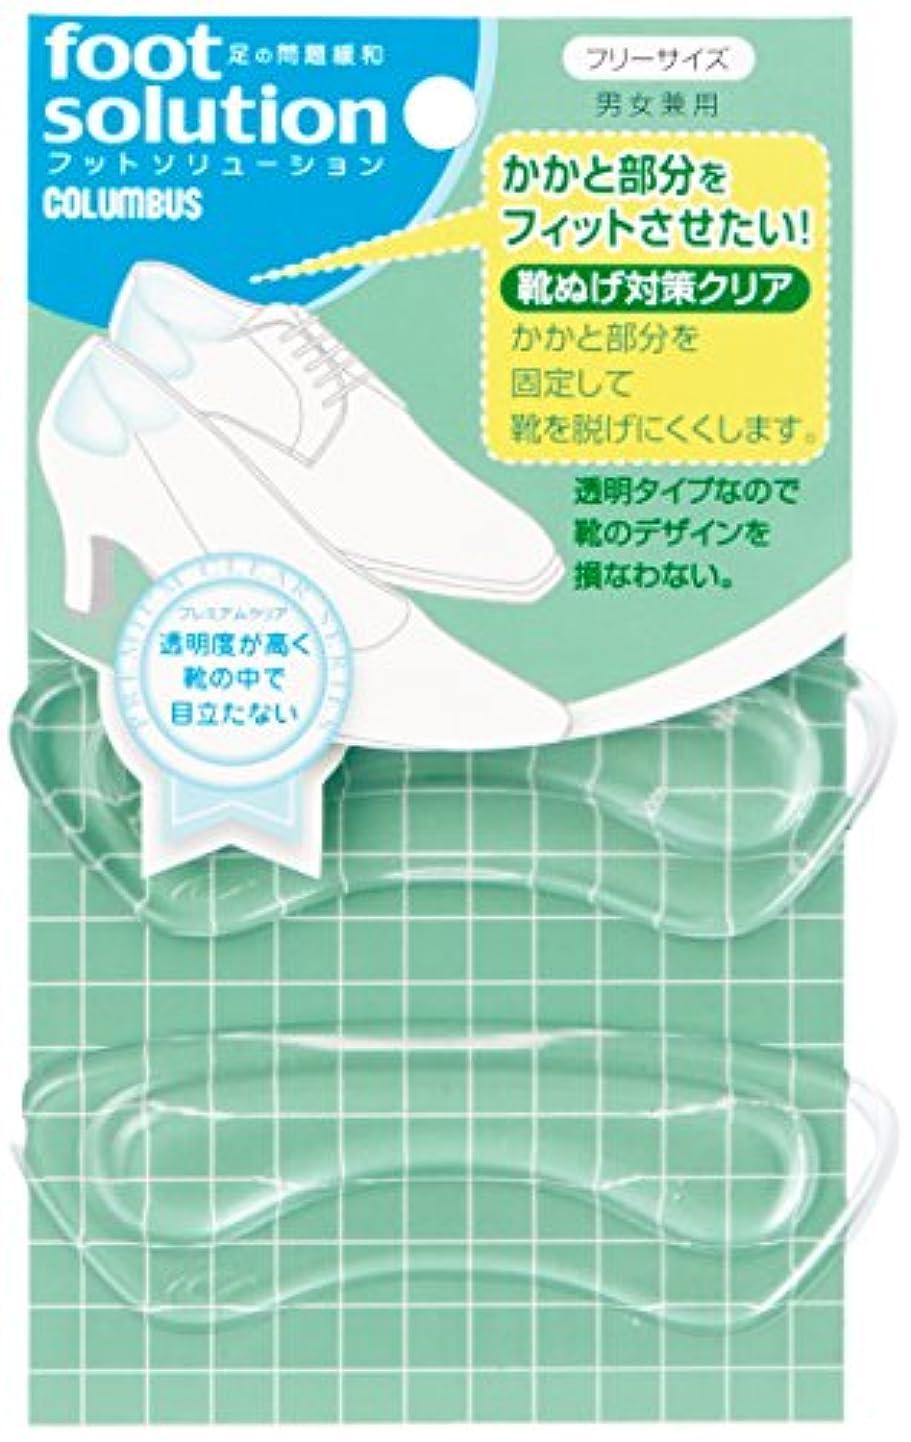 に見る歩く[コロンブス] 靴脱げ対策クリア Foot Solution 88550005 N 女性用フリーサイズ